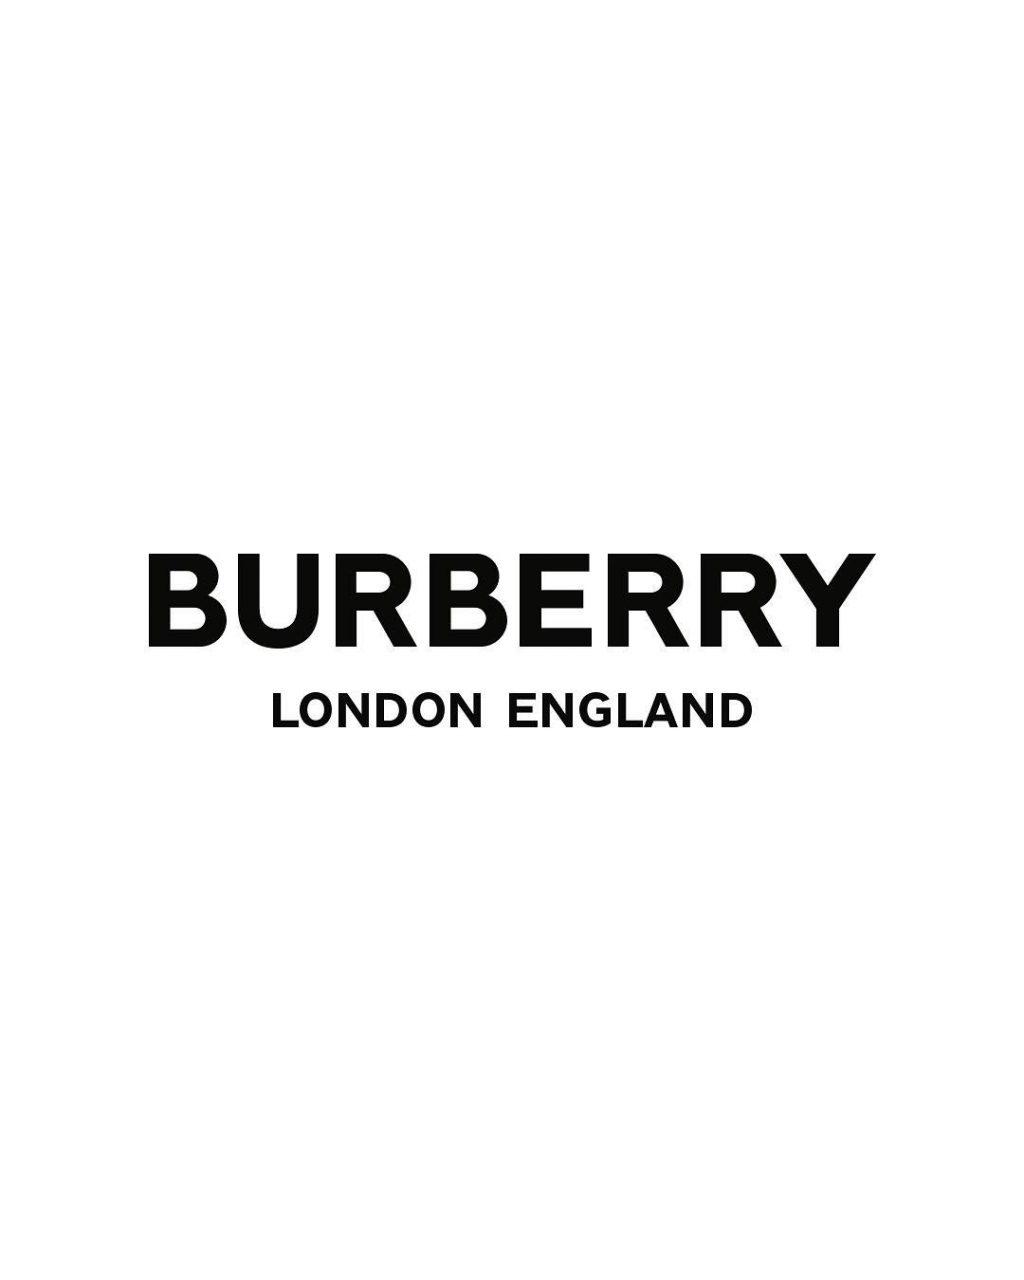 thương hiệu burberry thay đổi biểu tượng 2